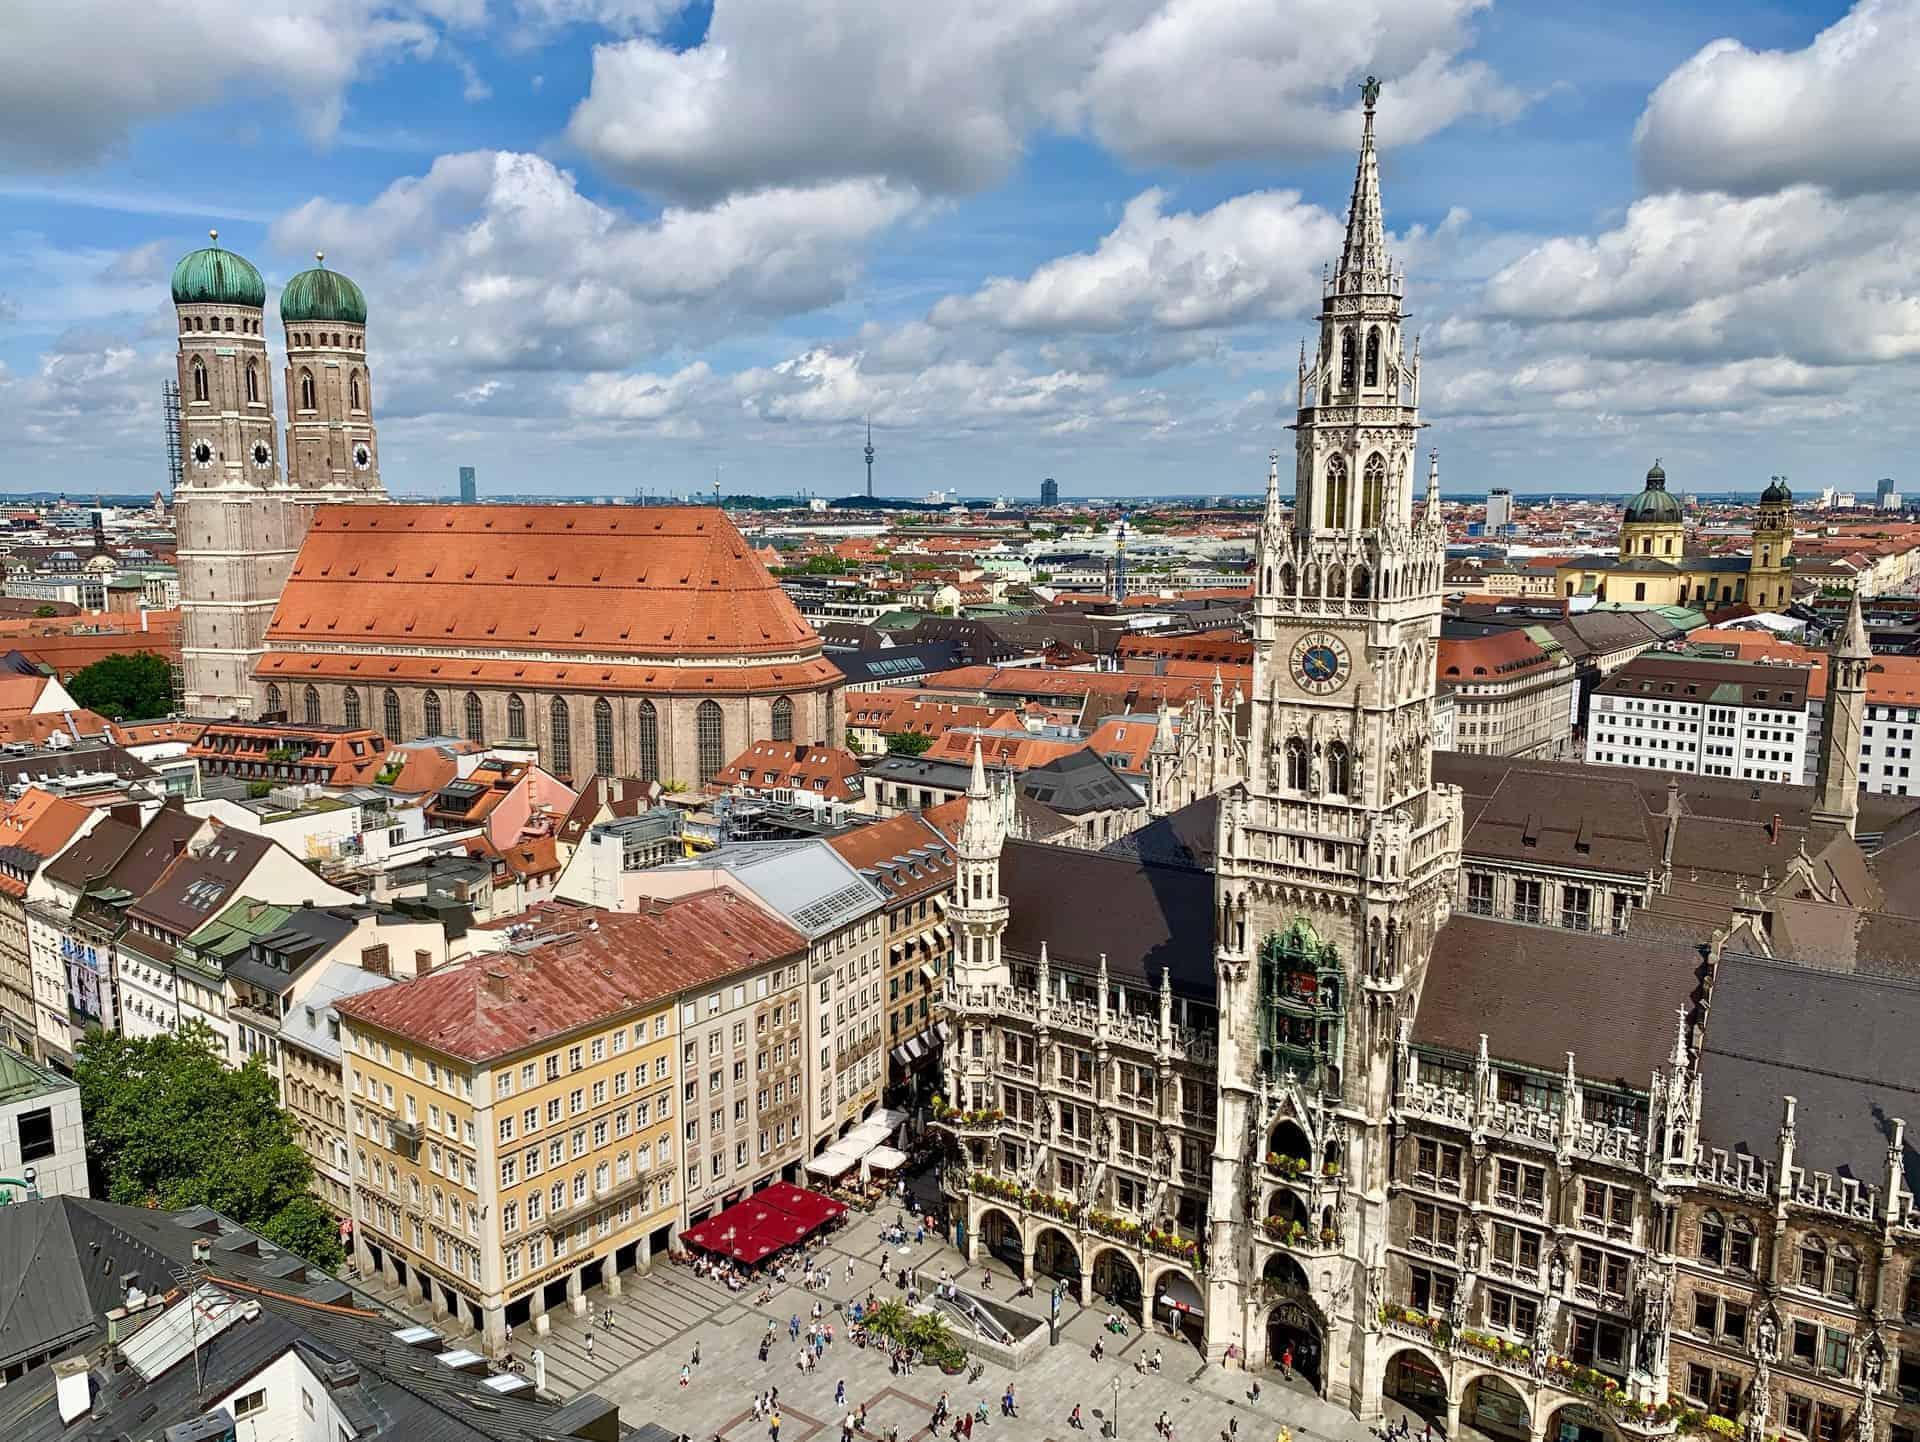 München_Marienplatz_Frauenkirche_und_und_Neues_Rathaus